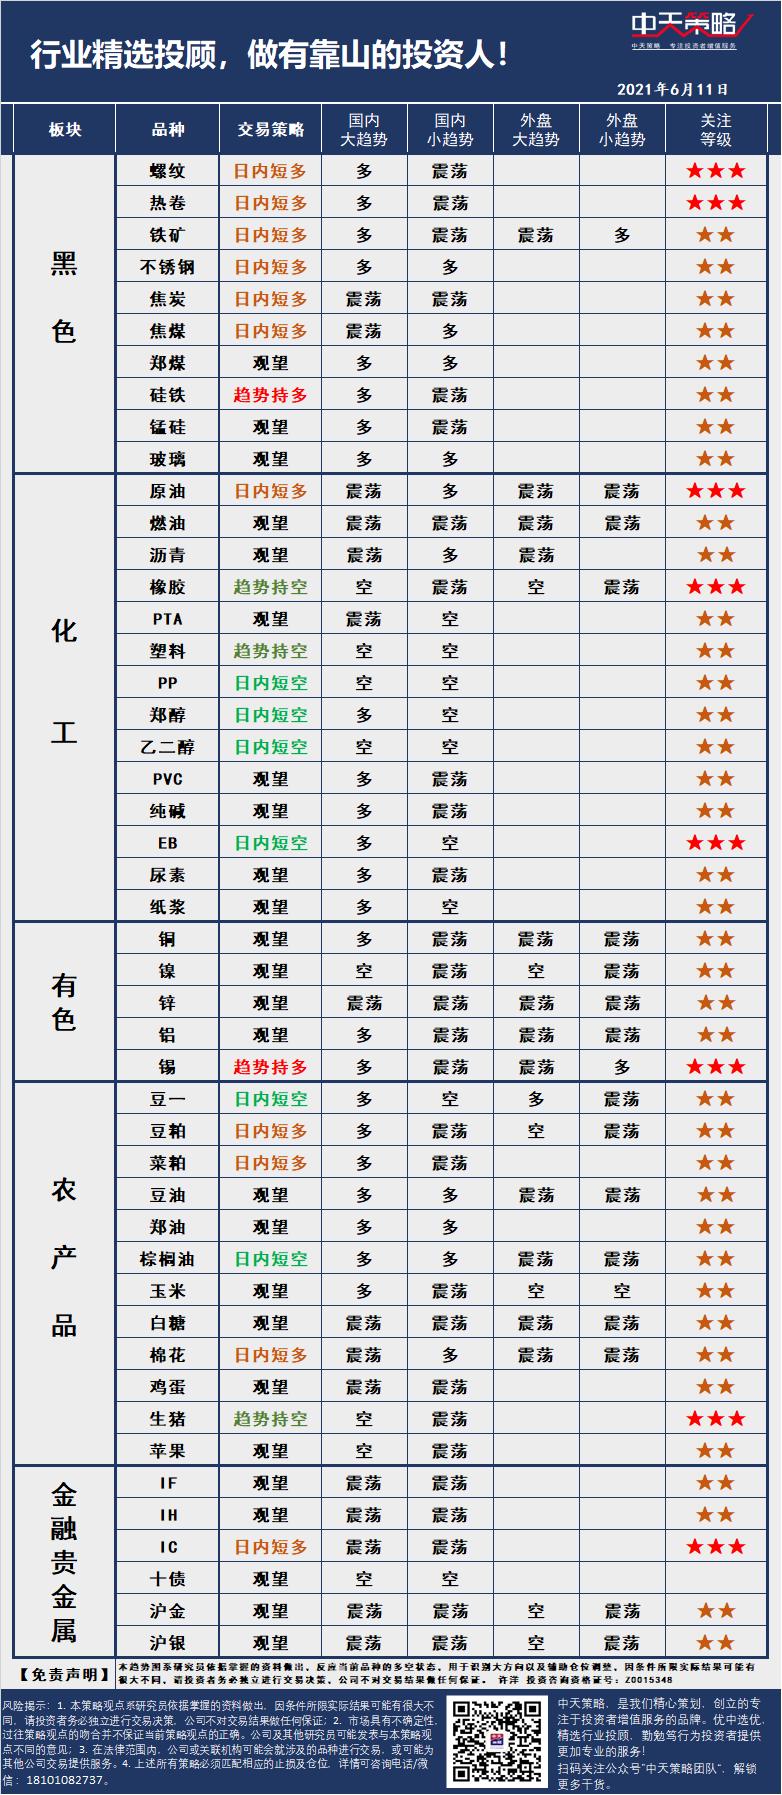 中天策略:6月11日市场分析